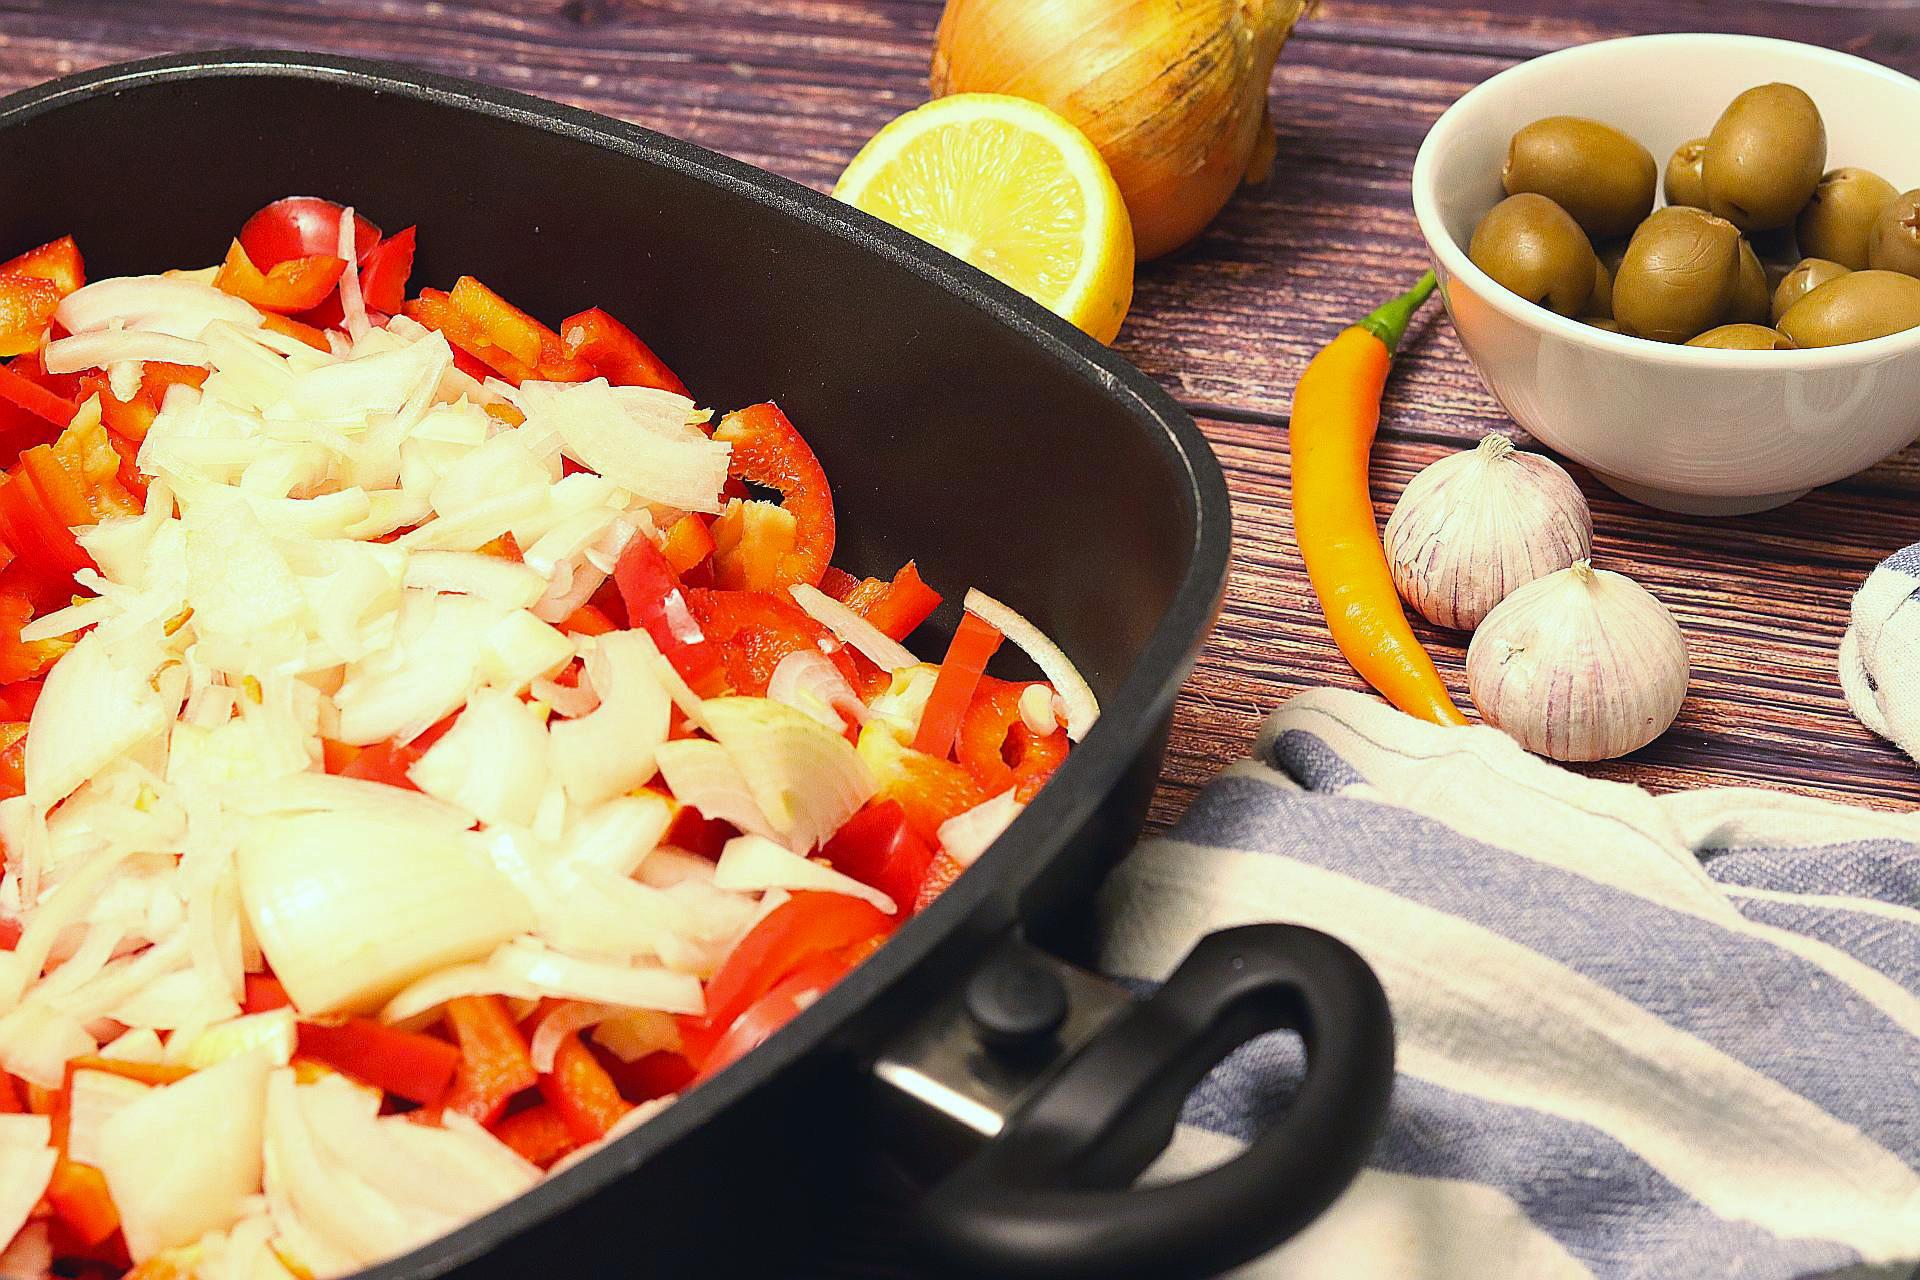 Teil der Zutaten für Empanada de Pimientos, geschnitten